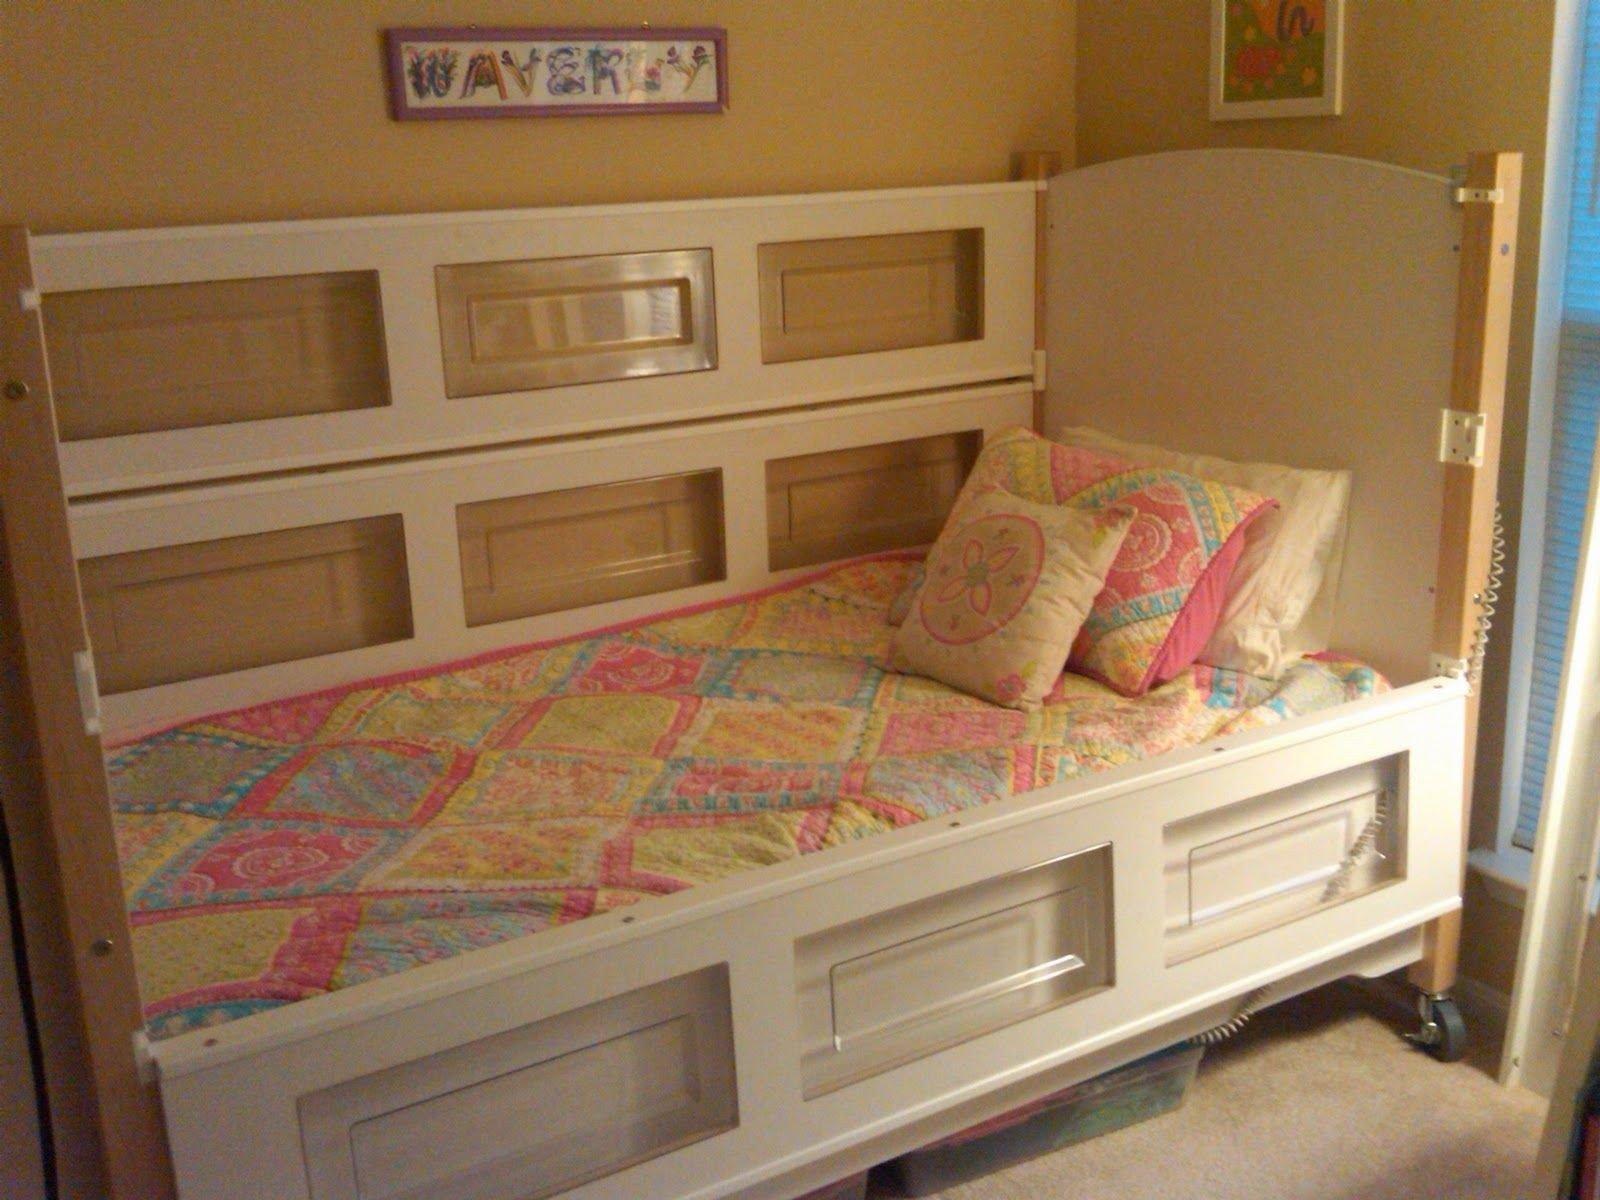 Childrens Bedroom Furniture Set Elegant Kids Room Furniture 17 Hottest Enclosed Beds for Special